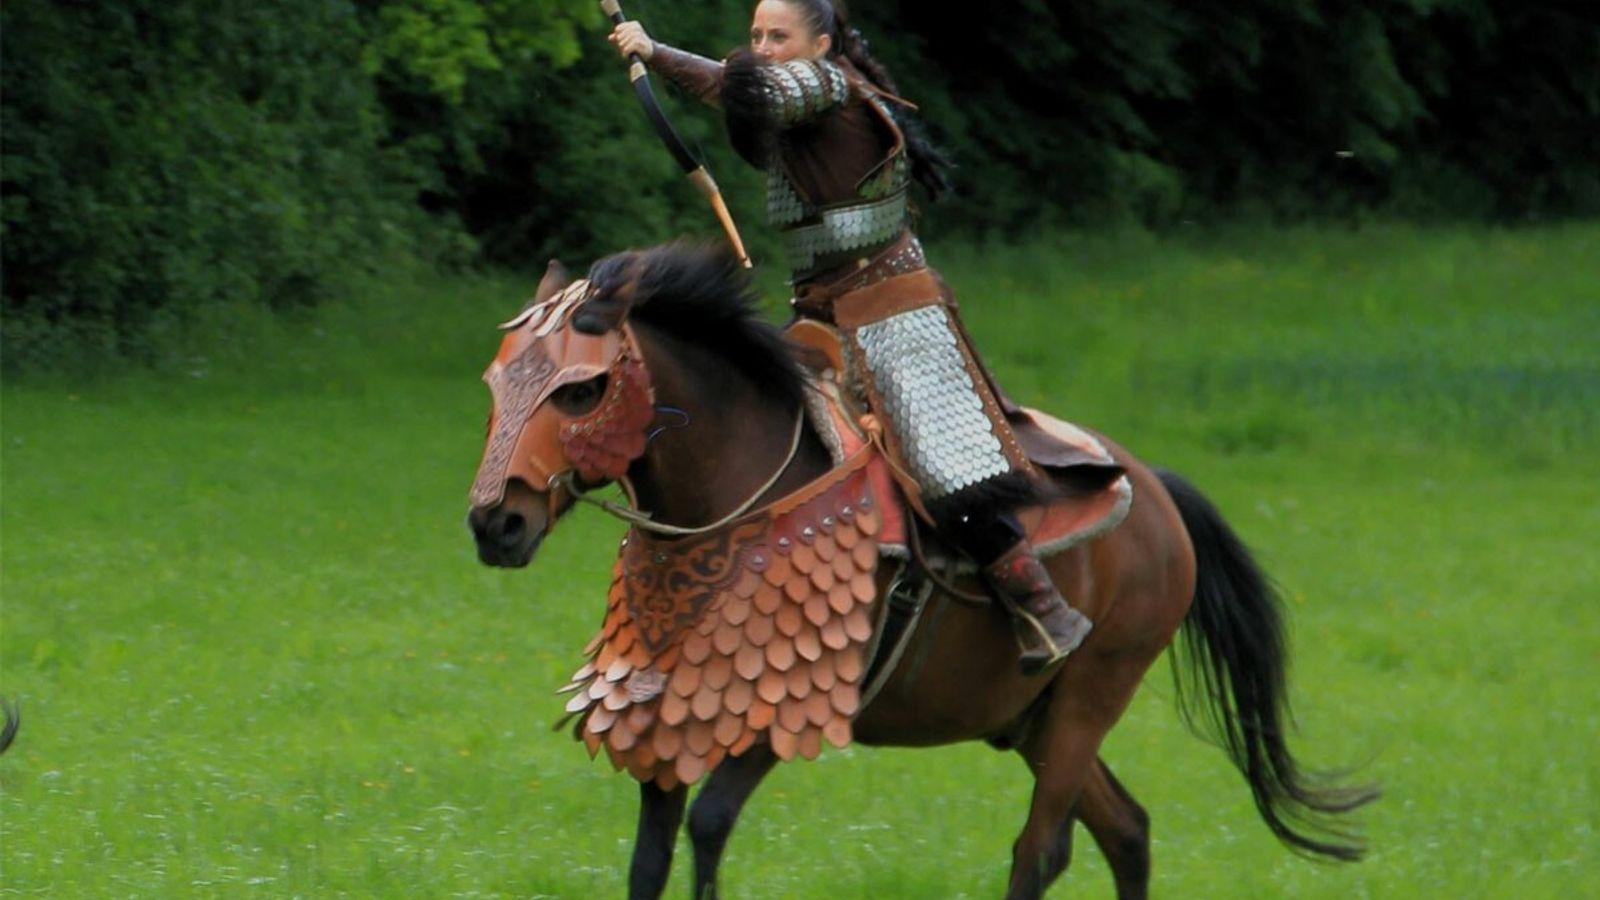 In Kampfoutfit schießt Pettra Engeländer mit Pfeil und Bogen vom Pferd